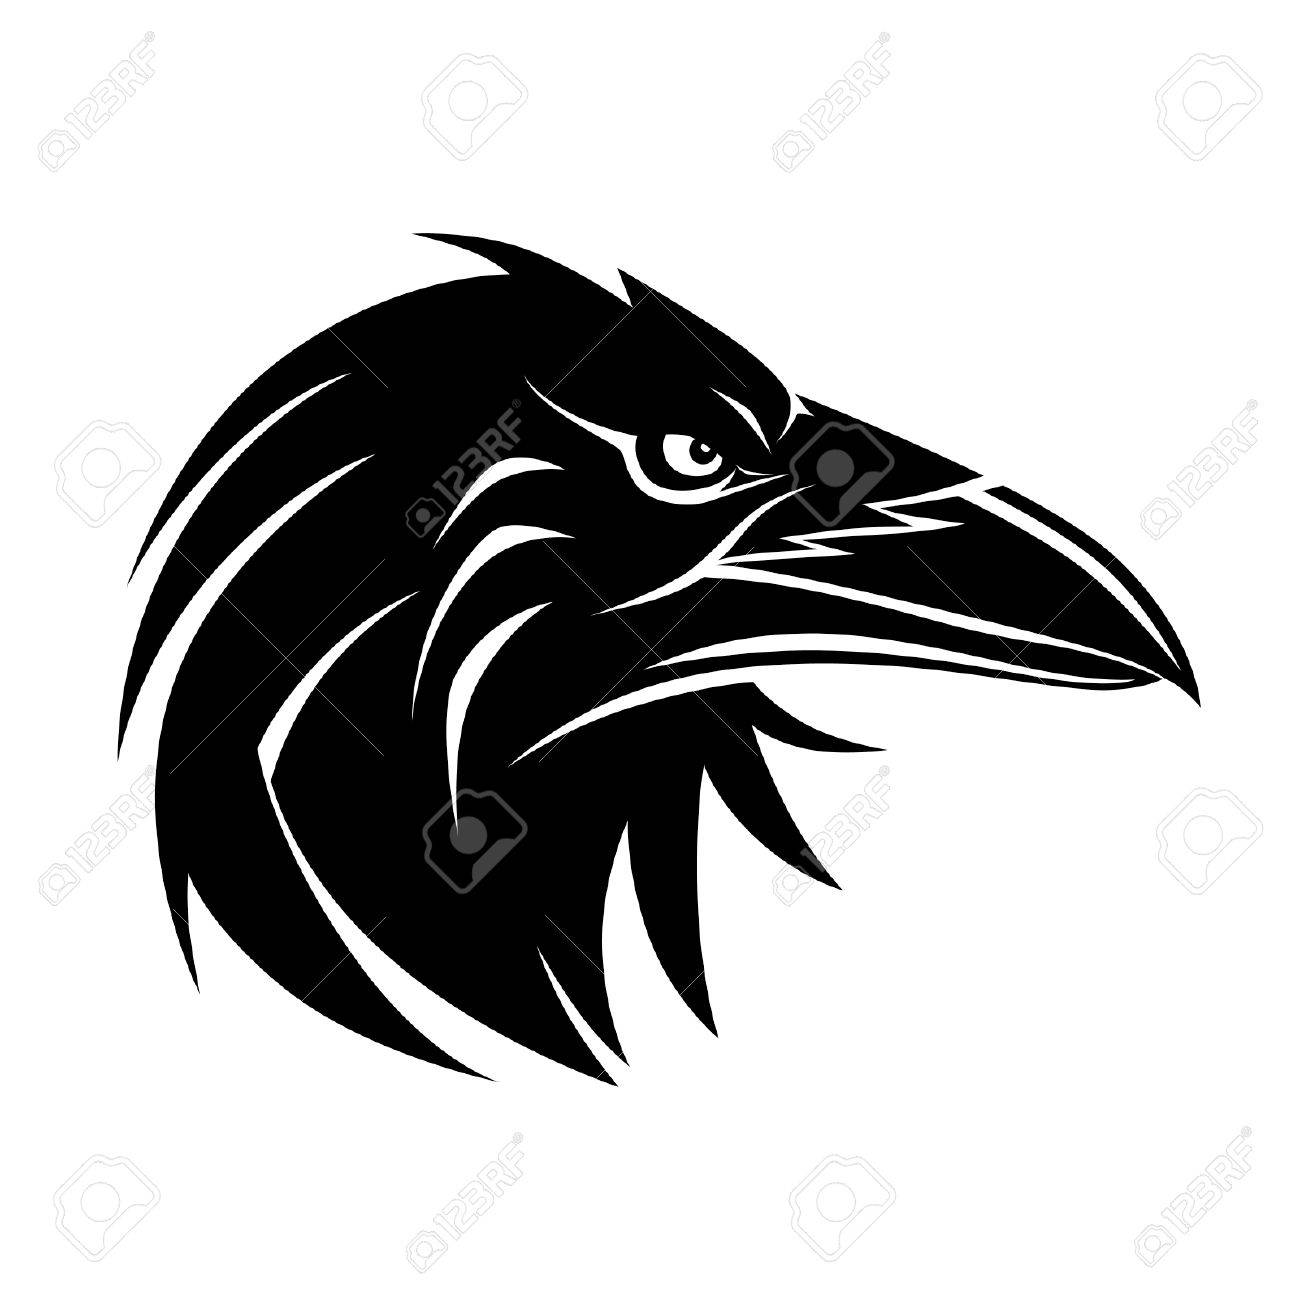 Raven portrait - 34493090